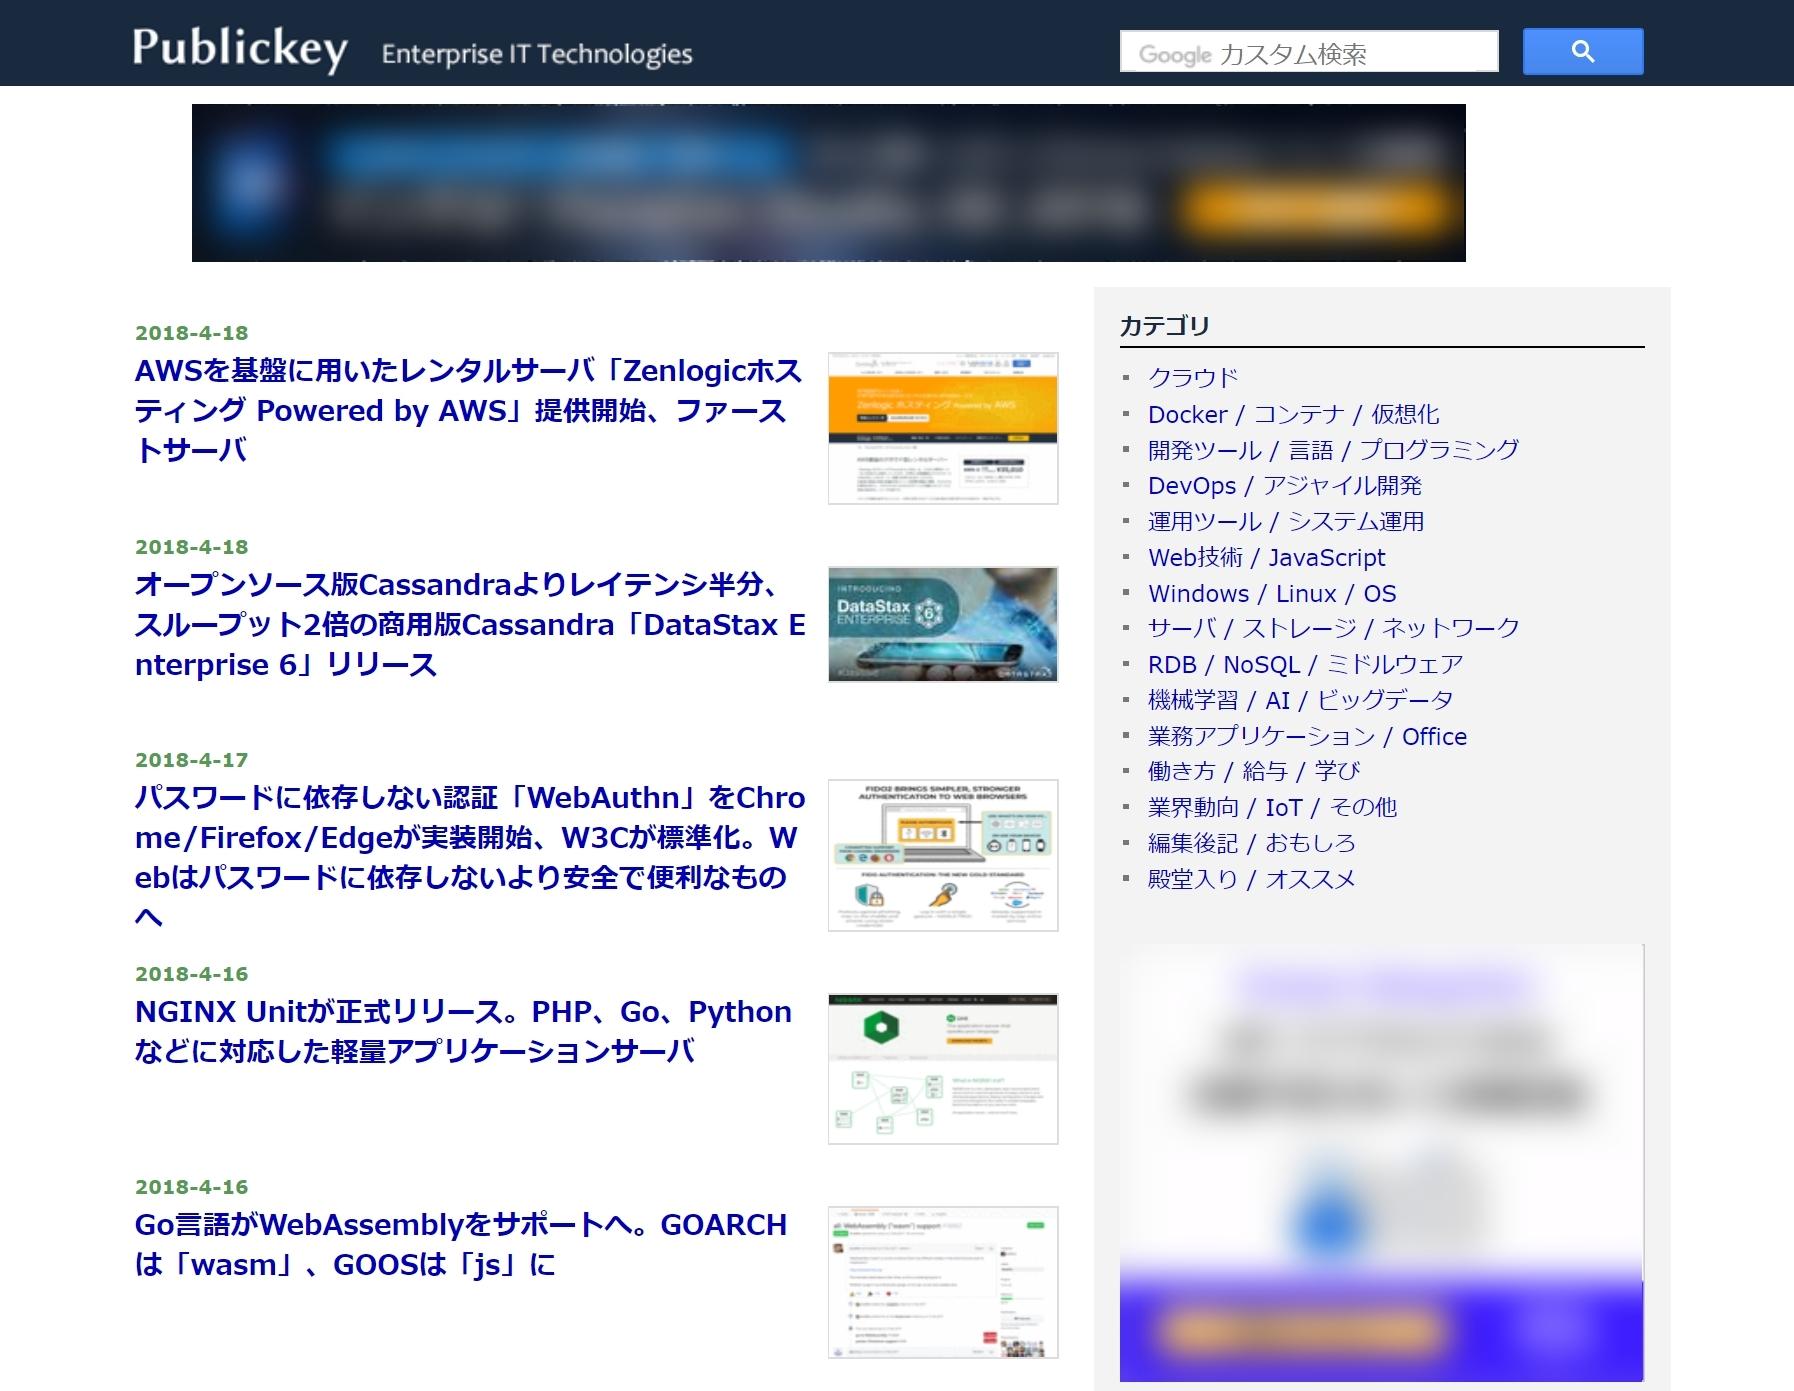 Publickey トップページ。ITエンジニアであれば、一度は記事を目にしたことがあるだろう